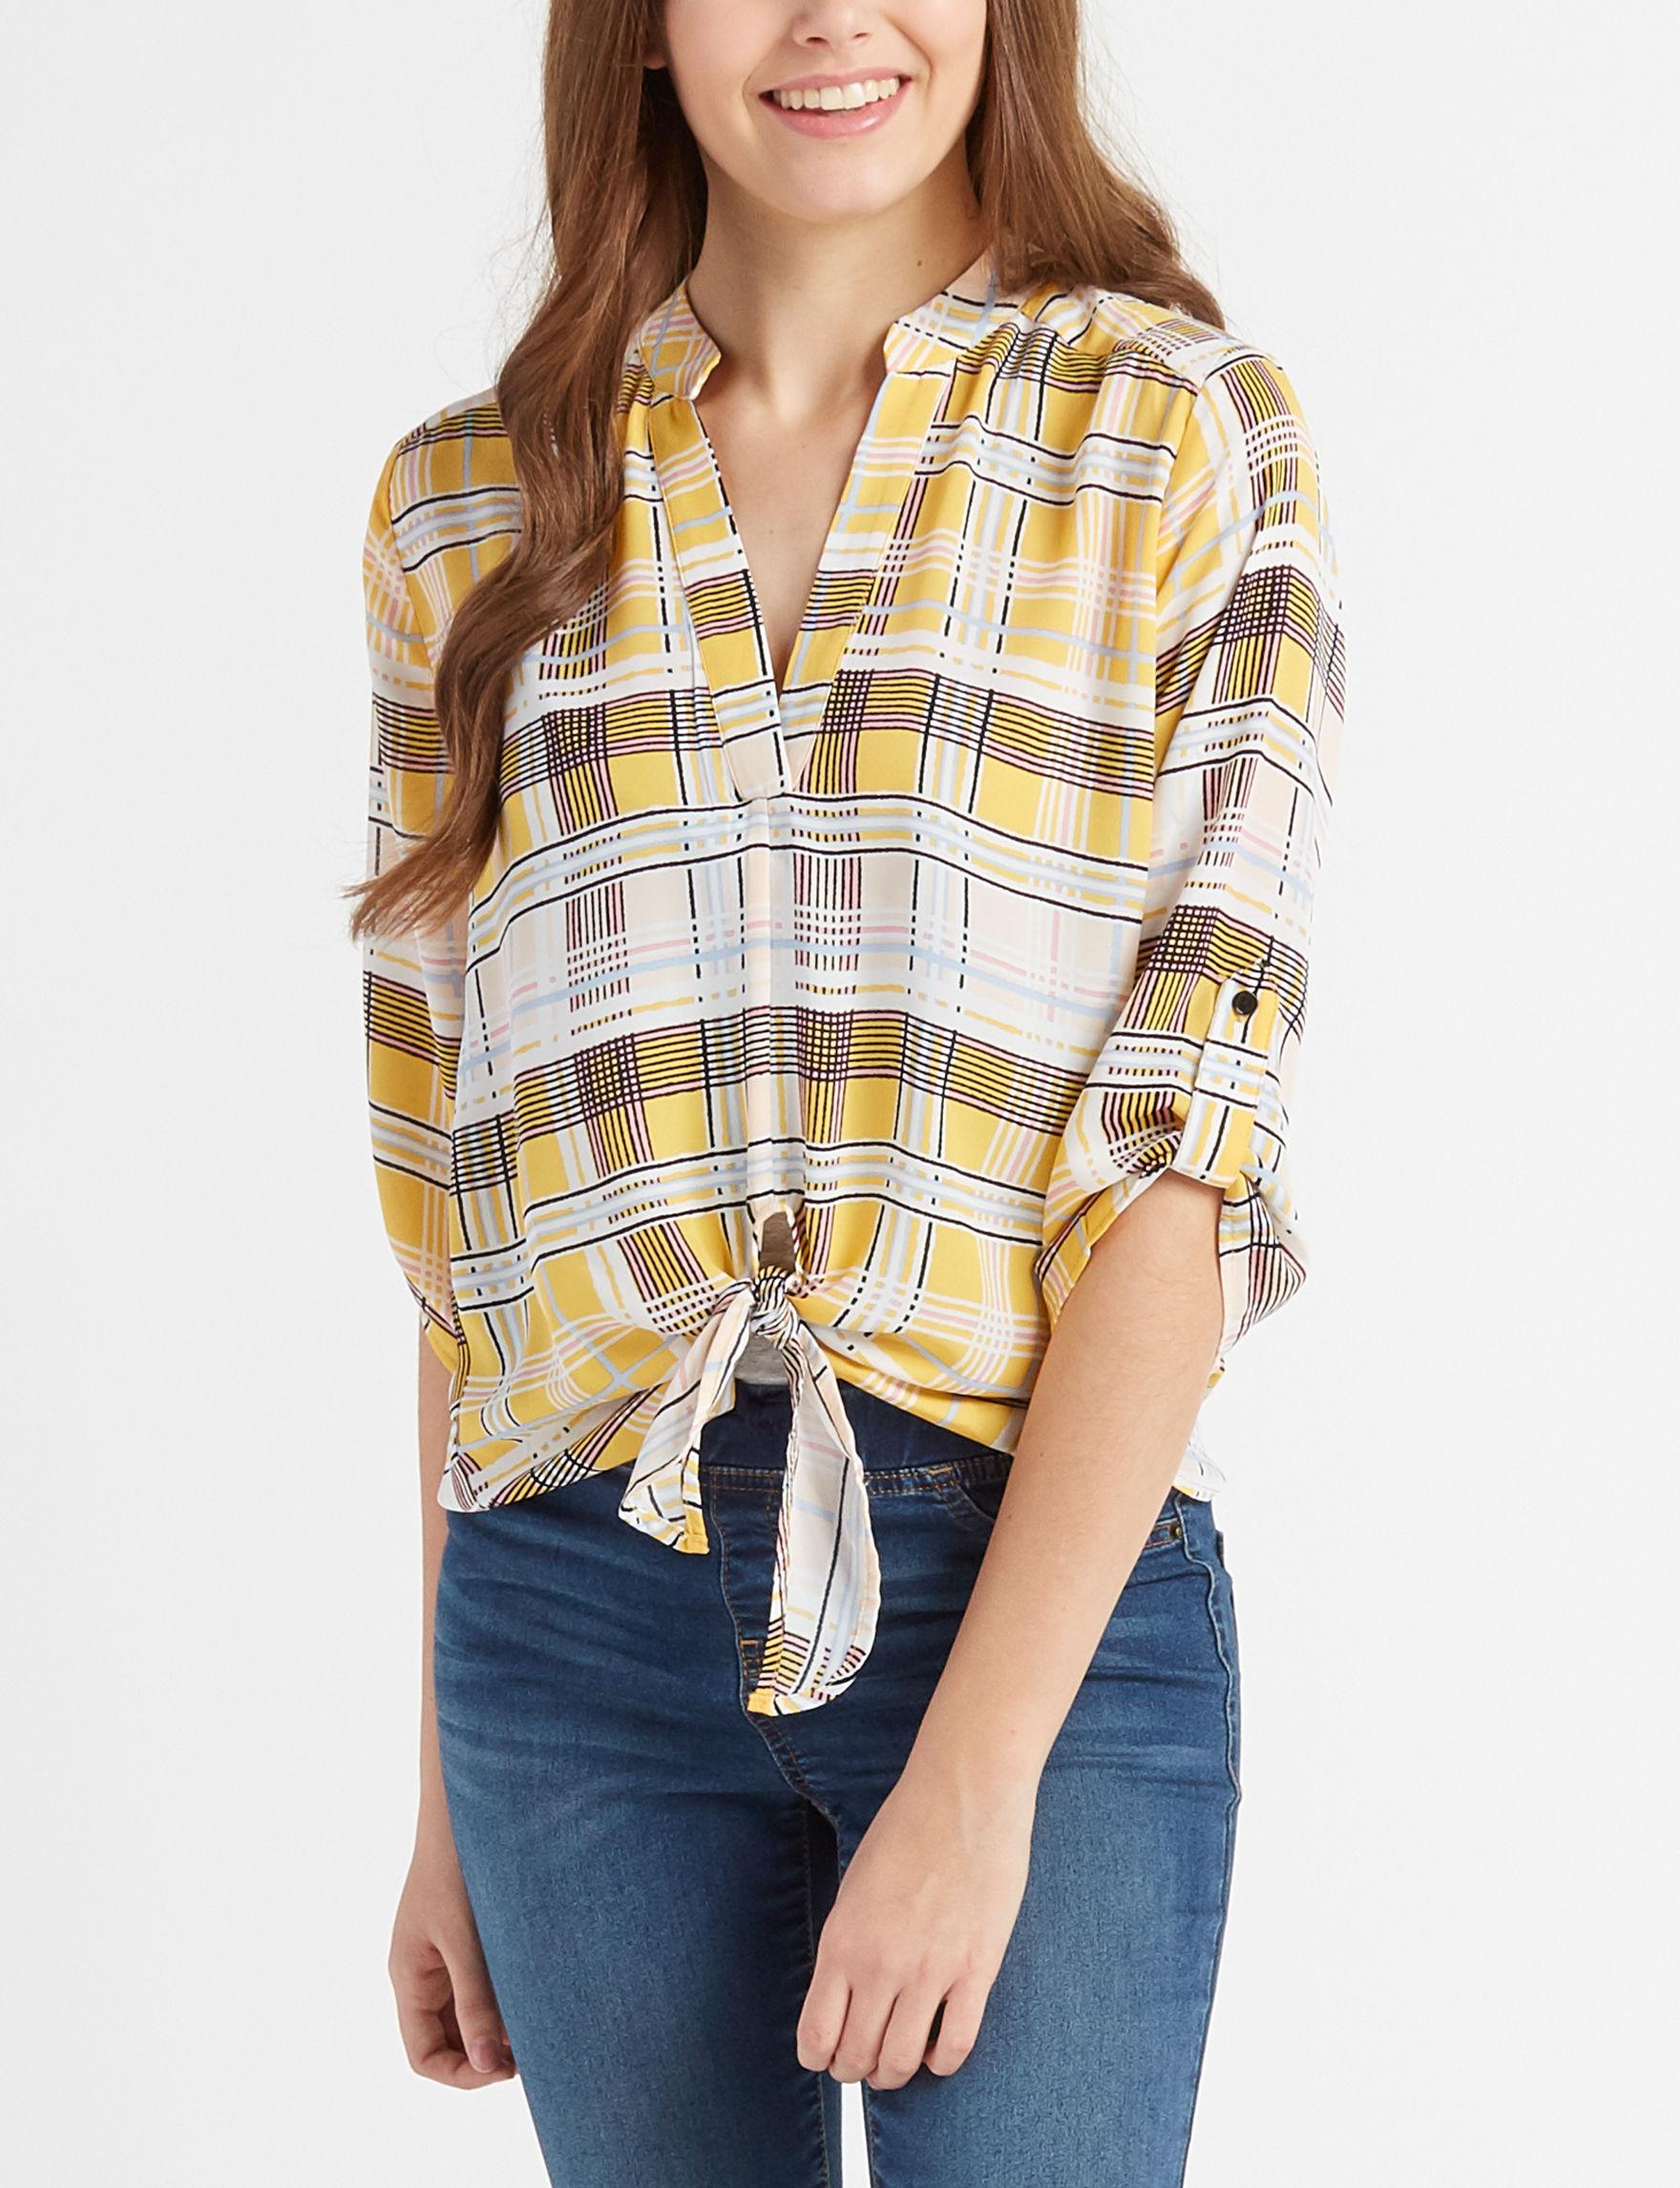 Liberty Love Yellow Multi Shirts & Blouses